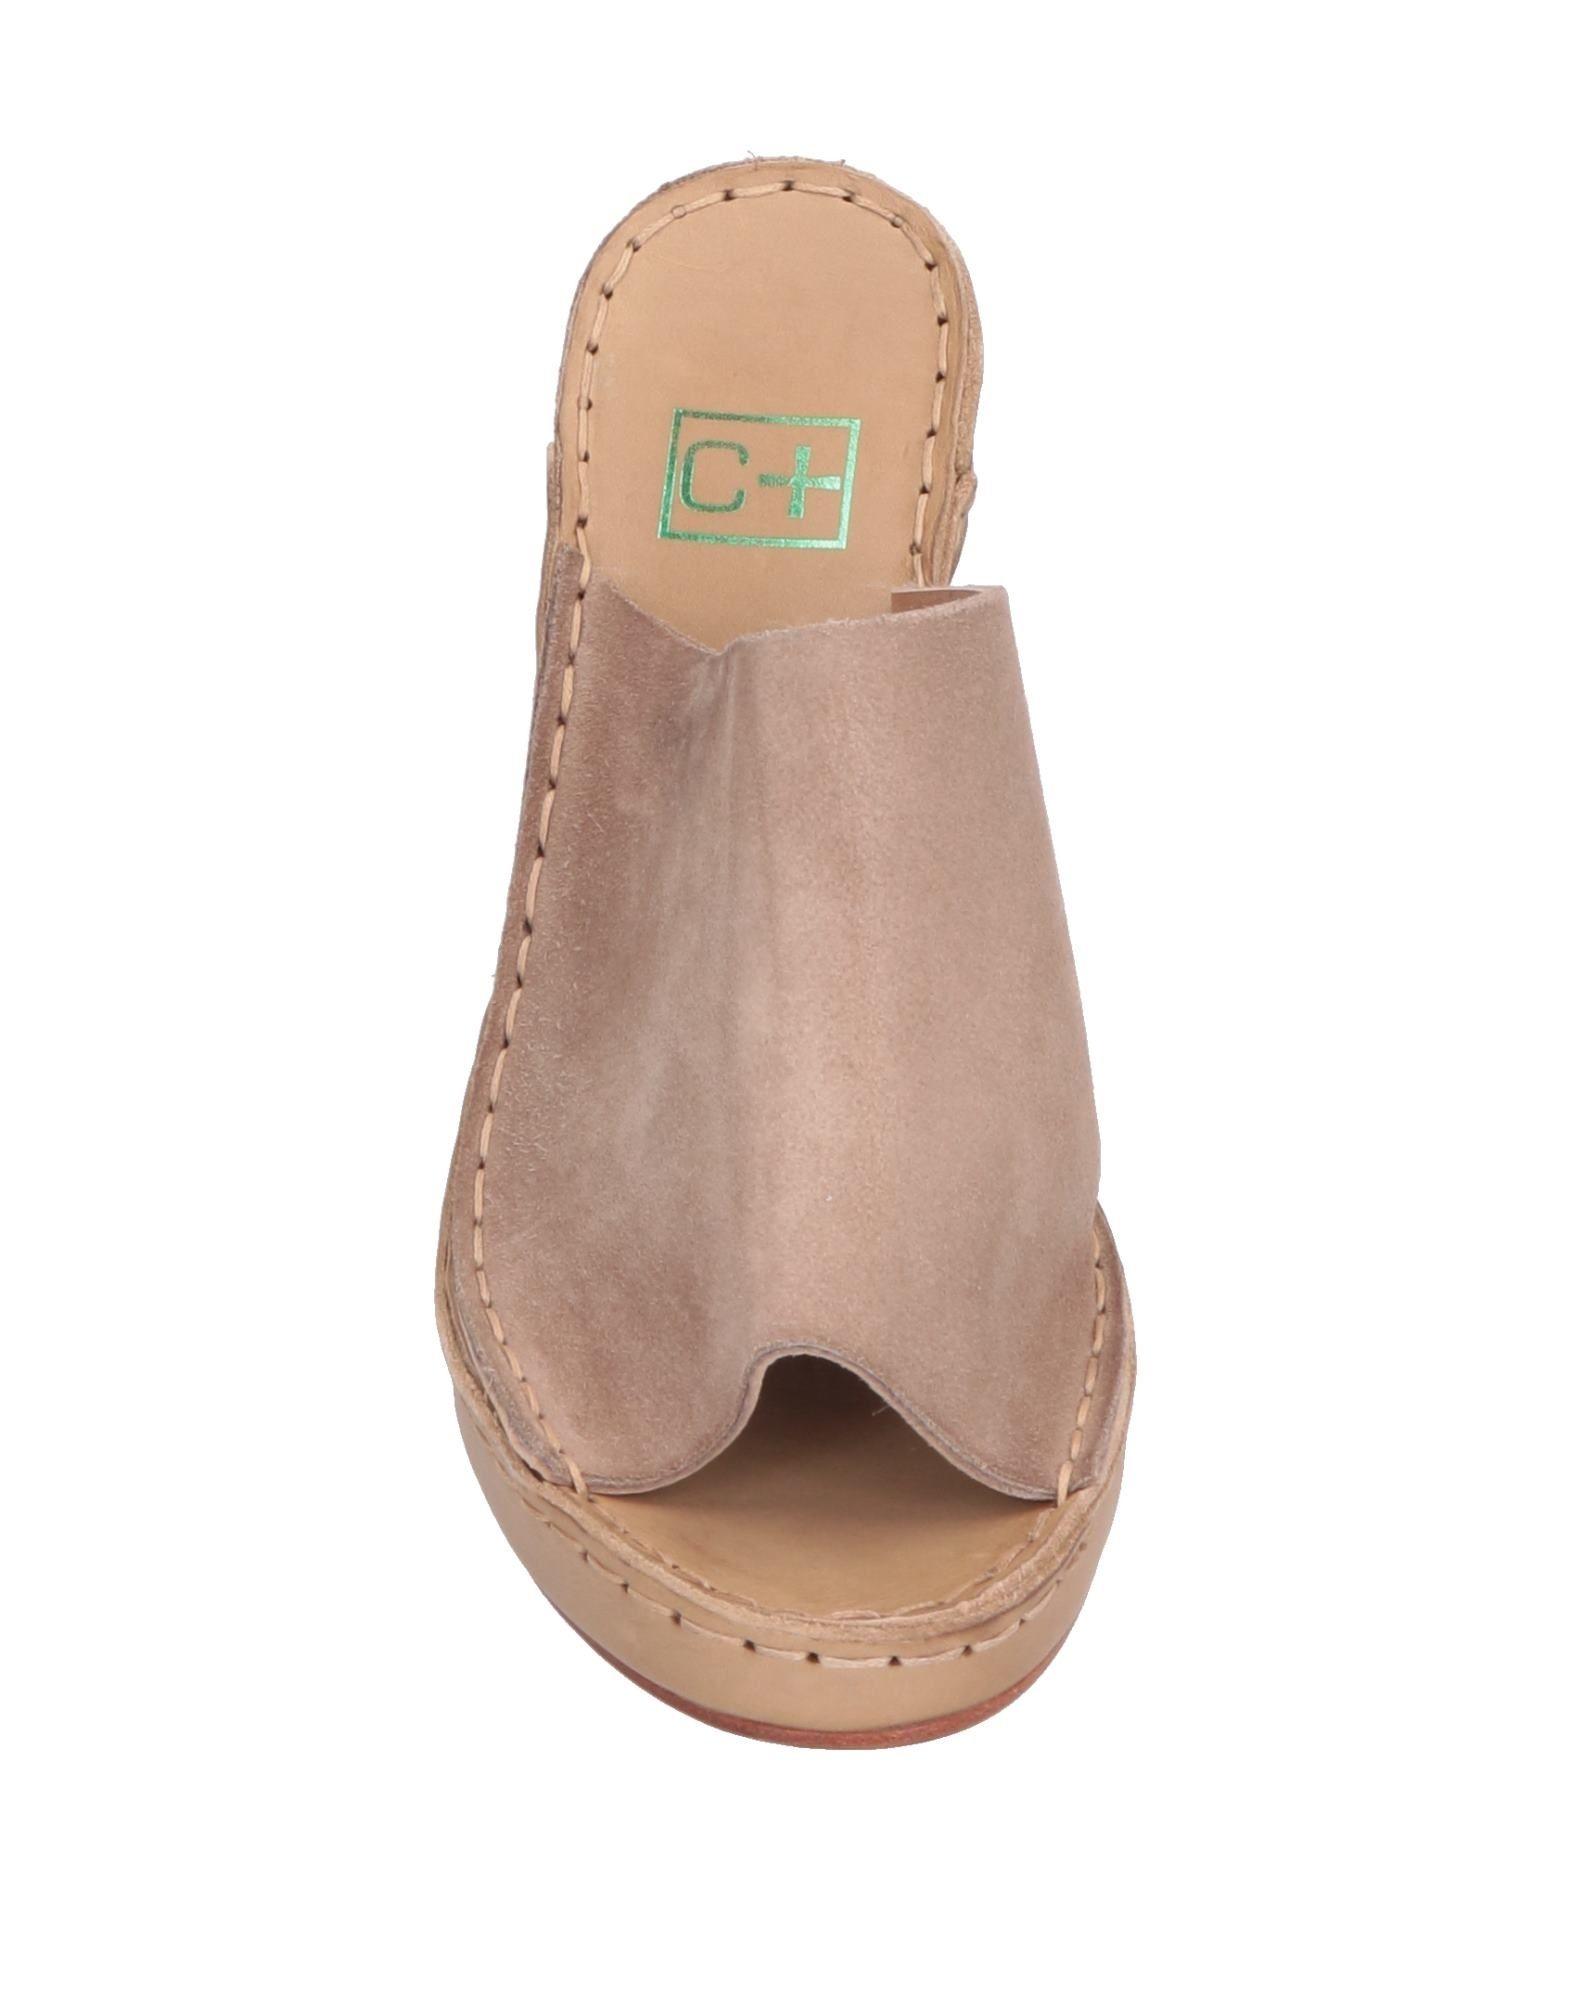 qsp, femmes   quelques chaussures de plus mulets - femmes qsp, programme   quelques chaussures de plus 11560414rl mules en ligne sur canada 54f75b